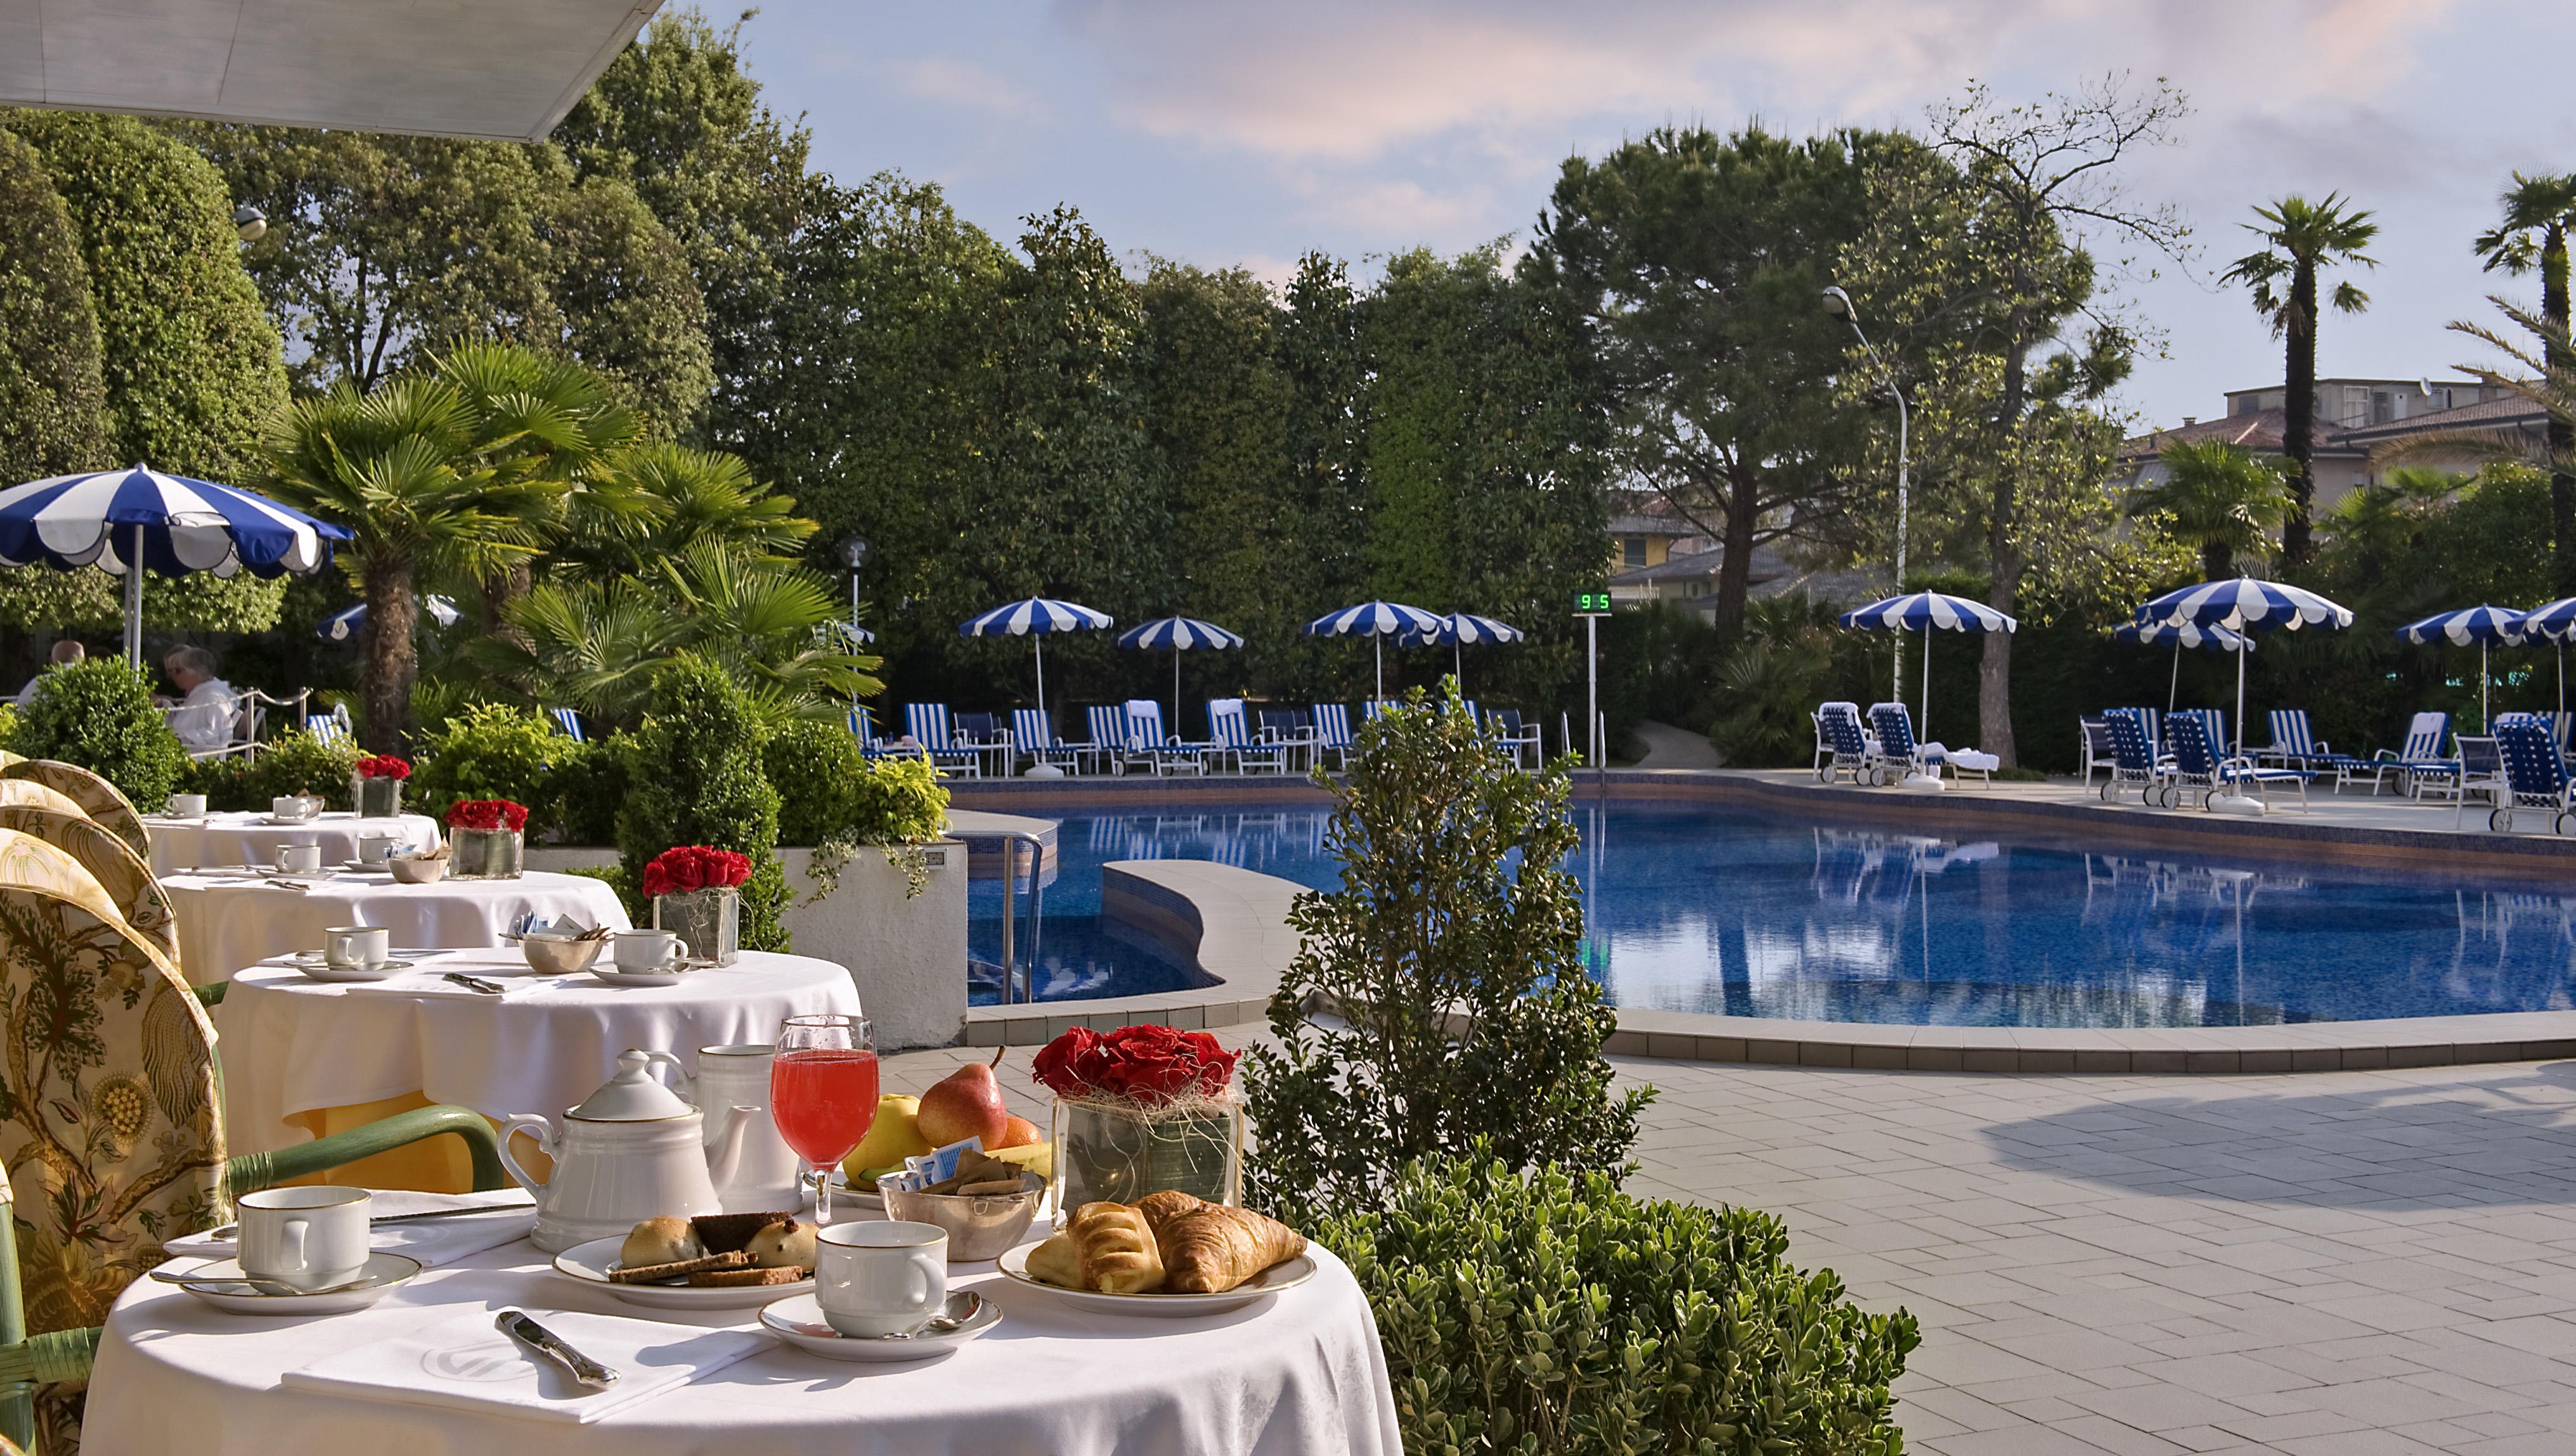 il ristorante di un hotel che si dilata nella zona piscina